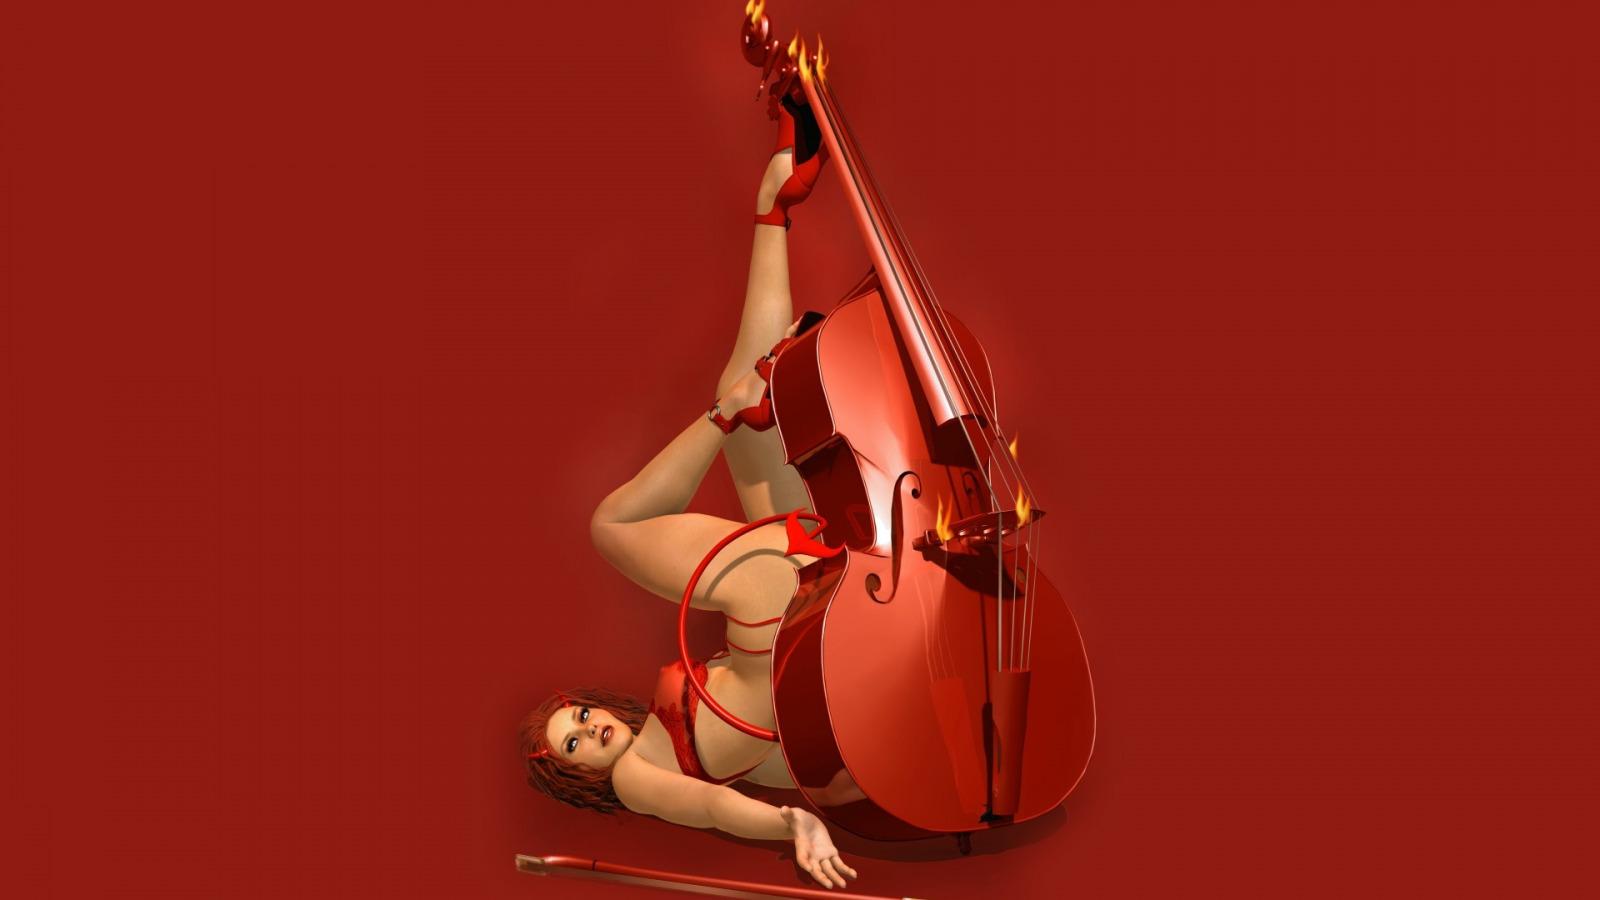 eroticheskaya-seksualnaya-muzika